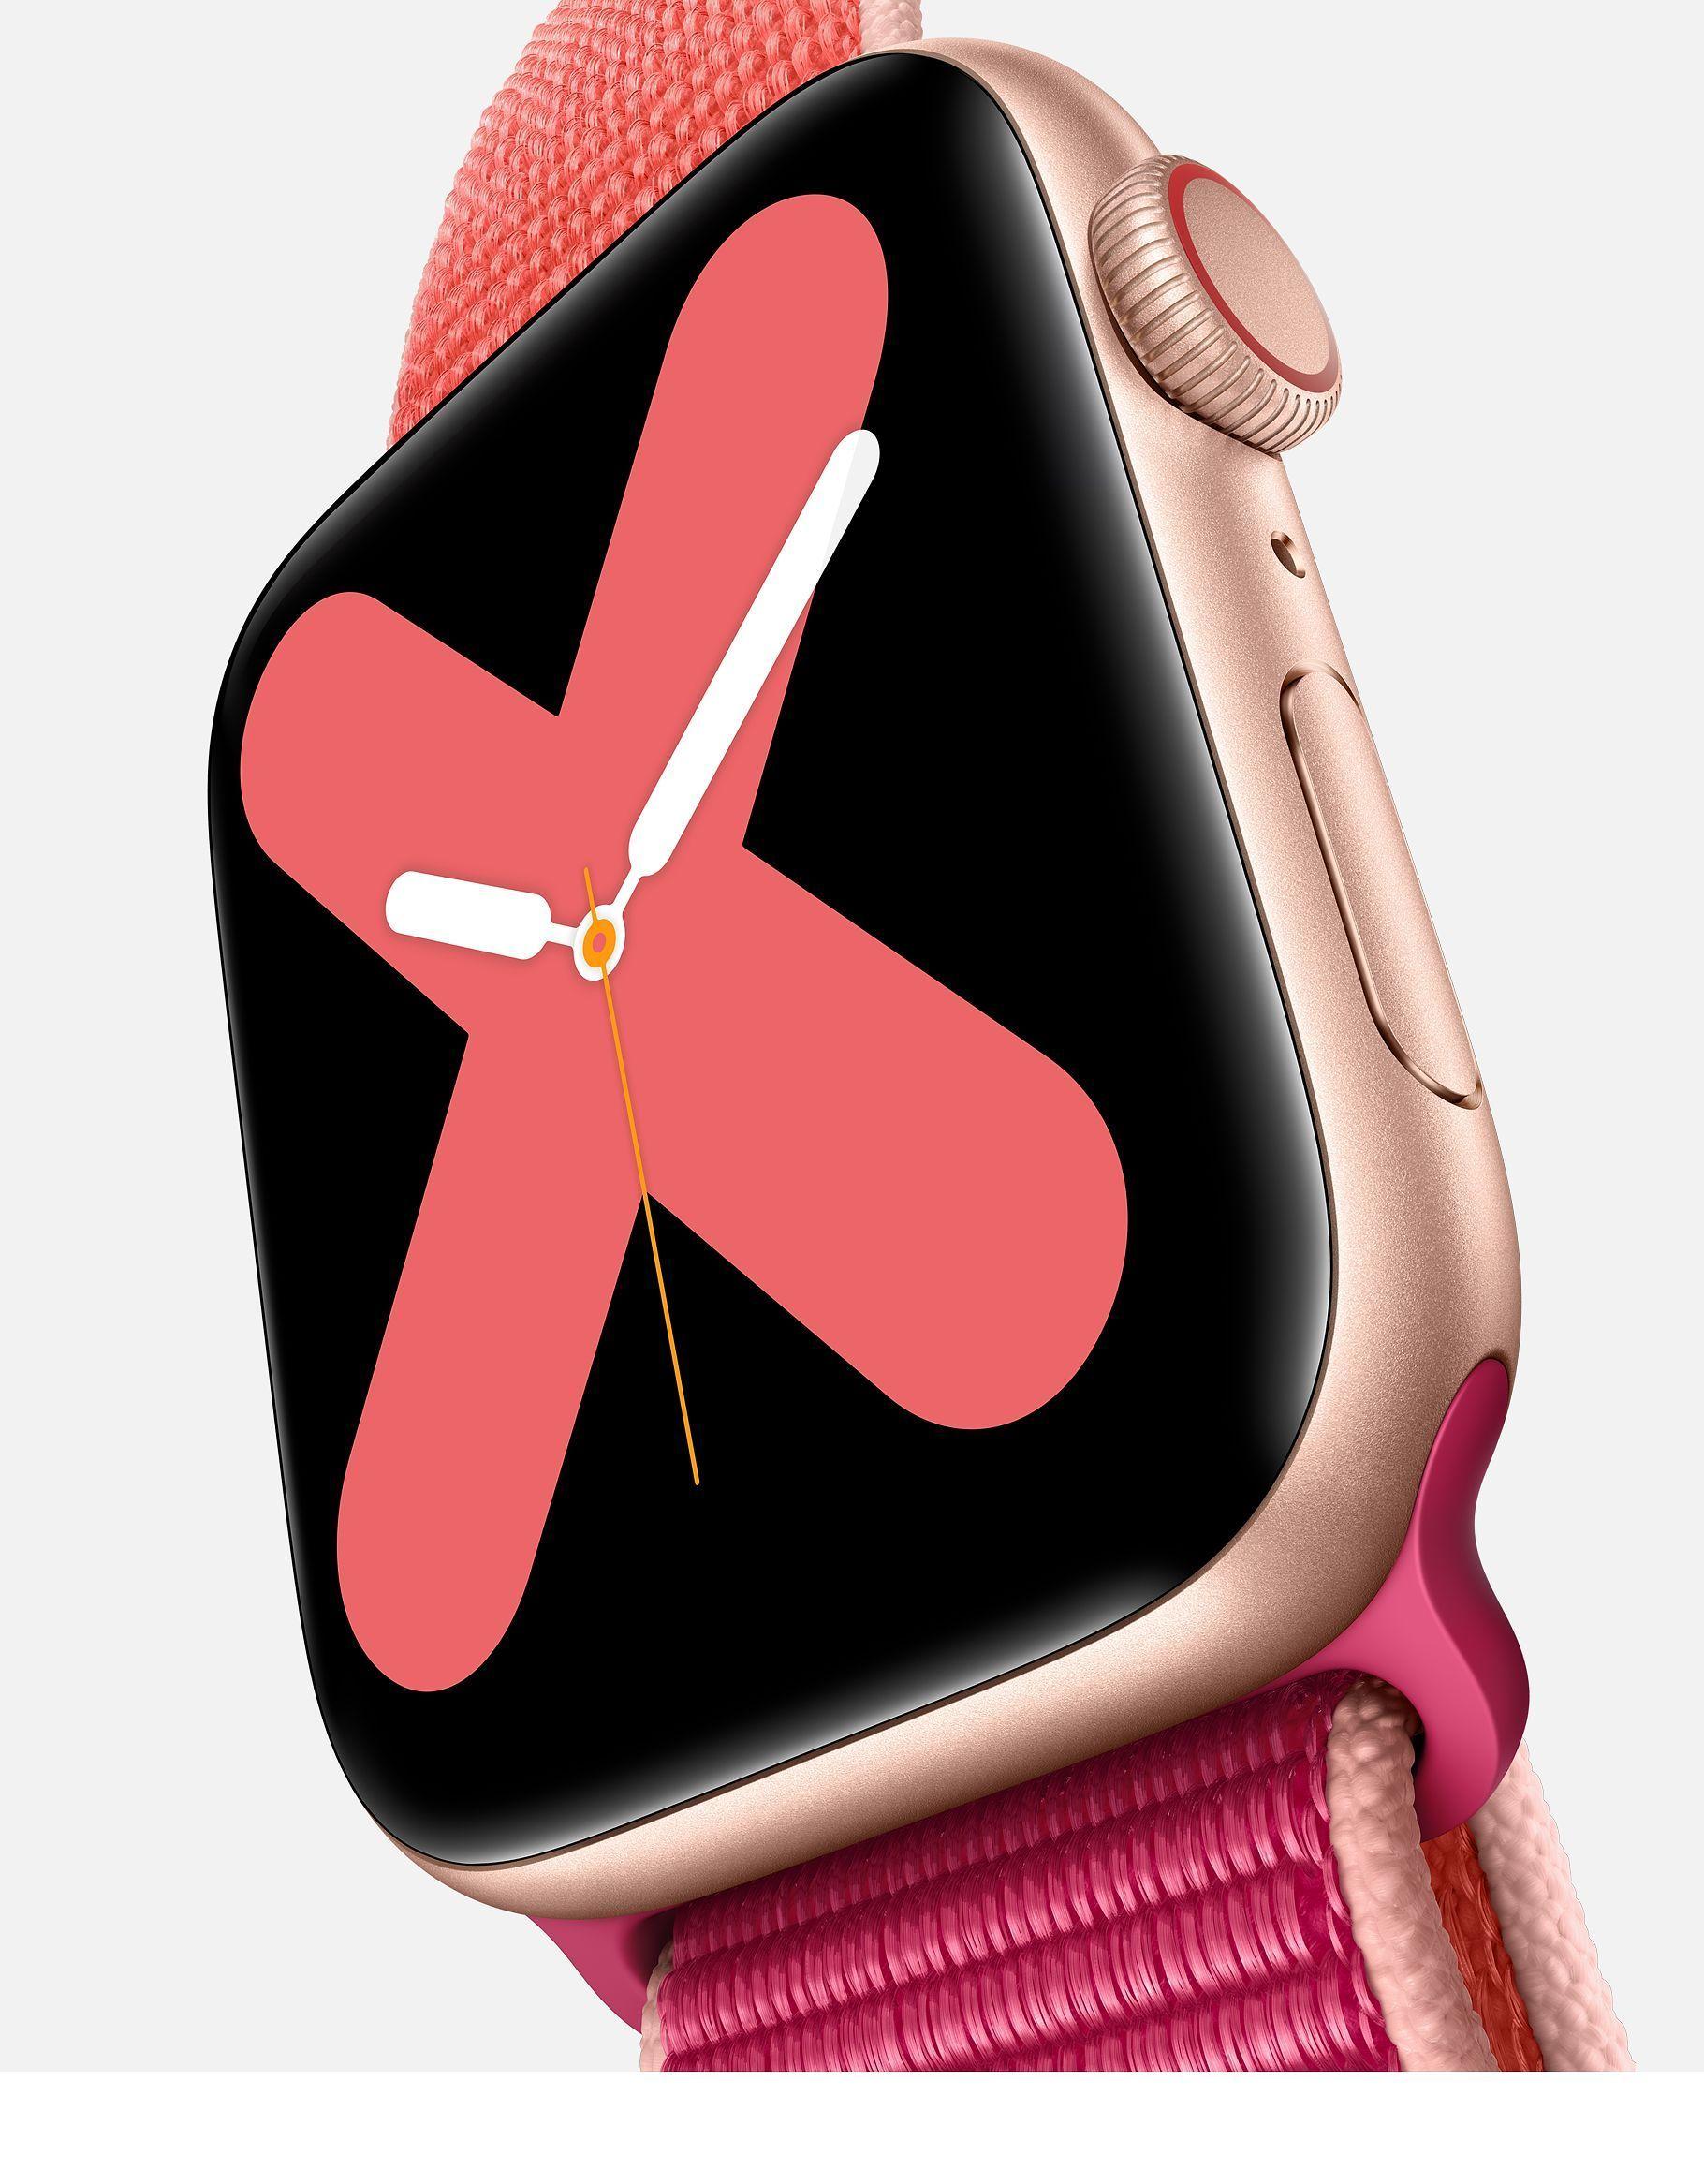 Насколько точным является обнаружение уровня шума Apple Watch?